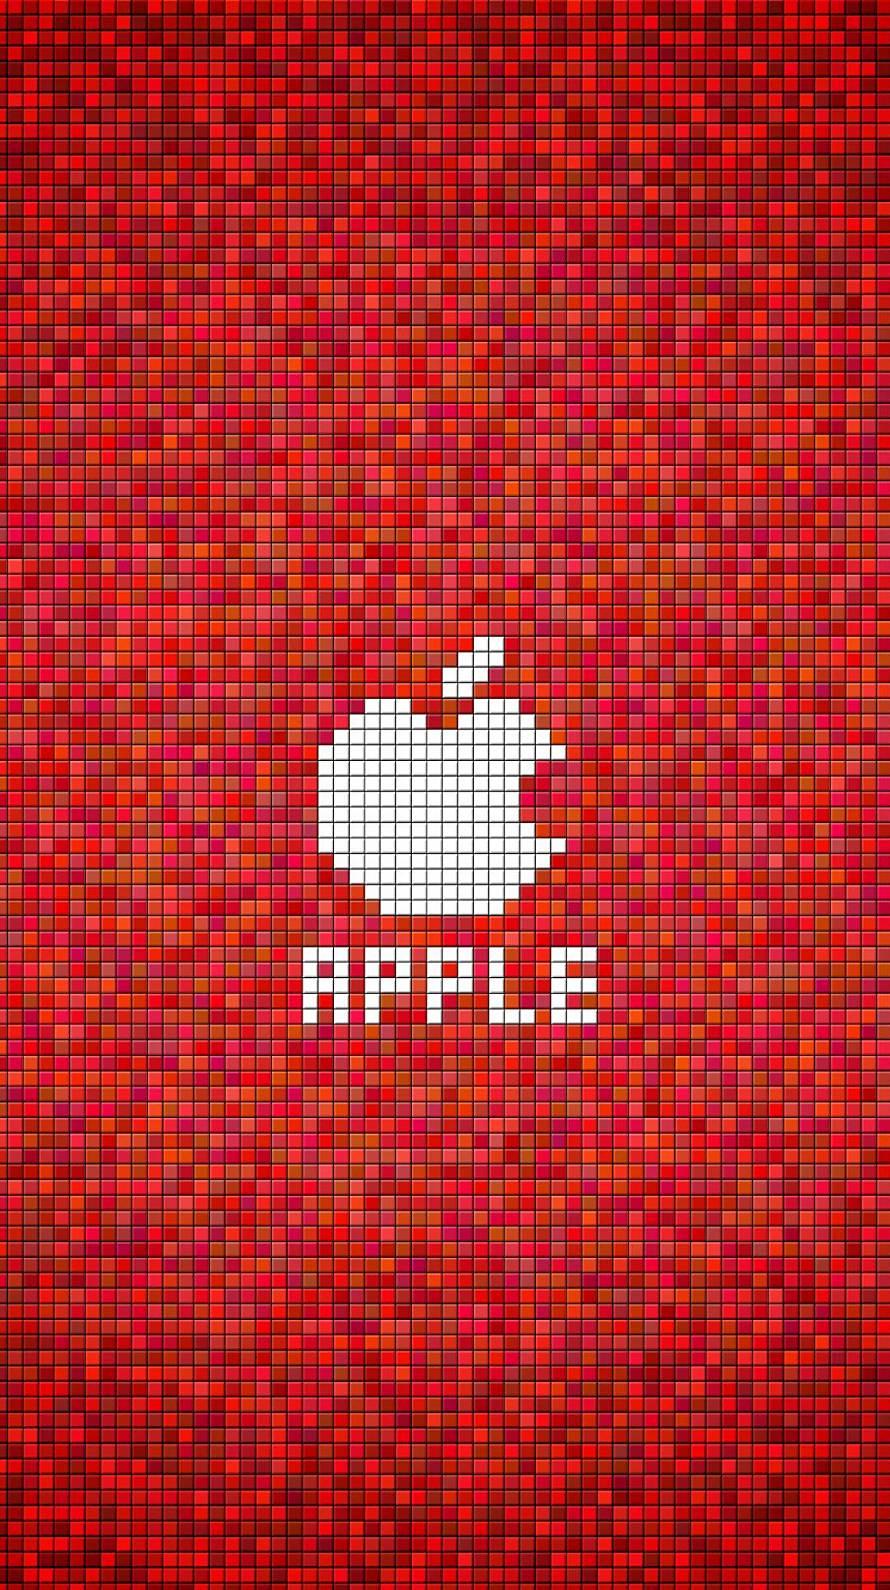 ドット・アップル(赤) iPhone6壁紙